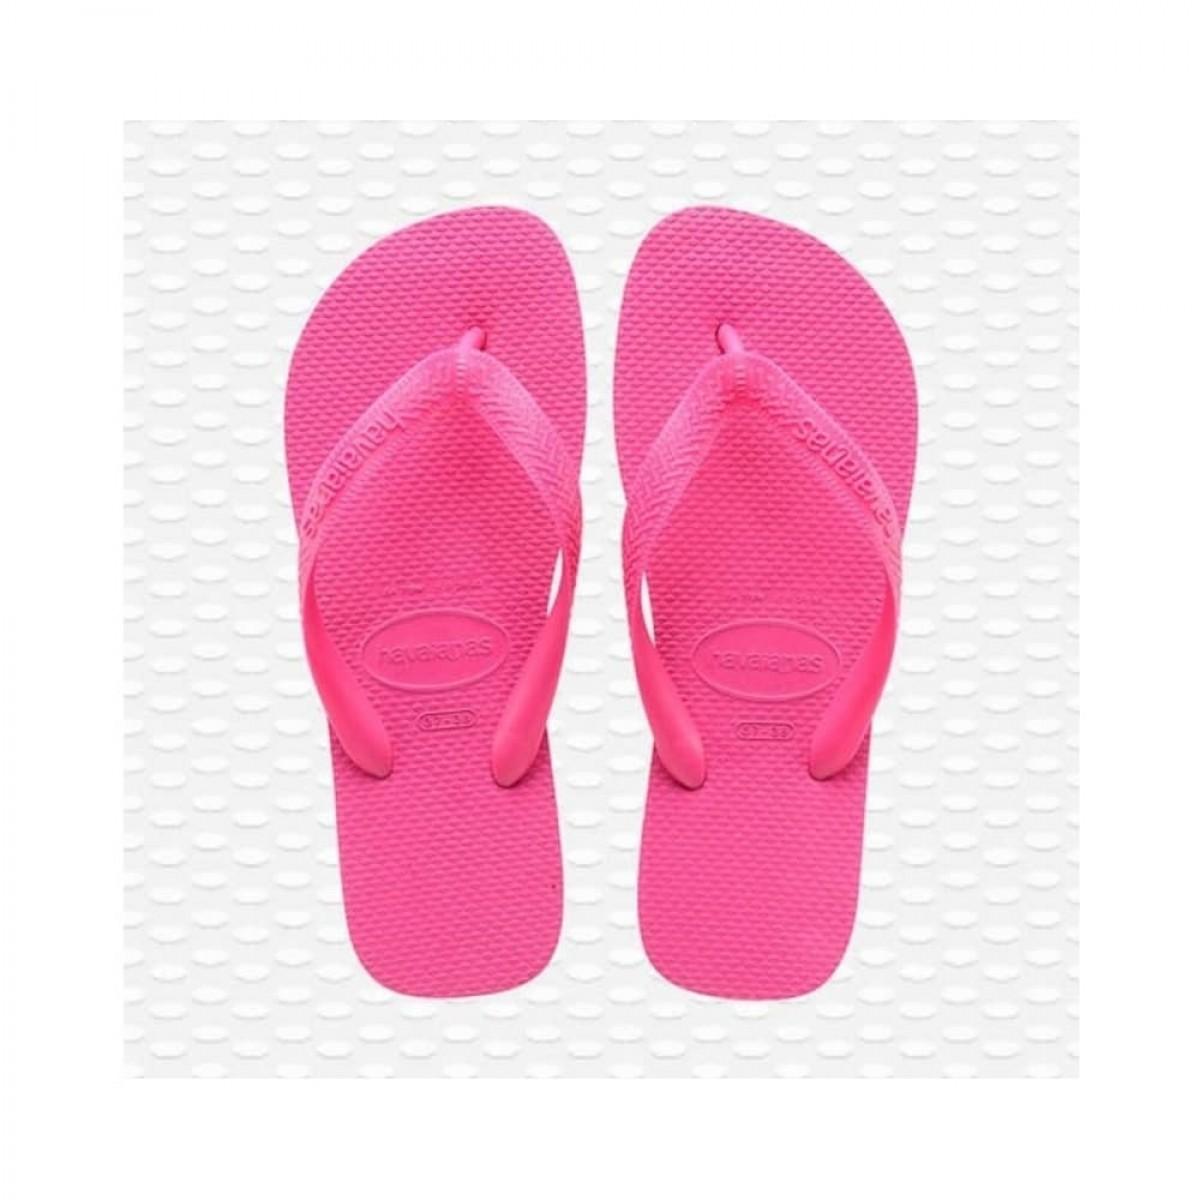 havaianas top - pink flux - front